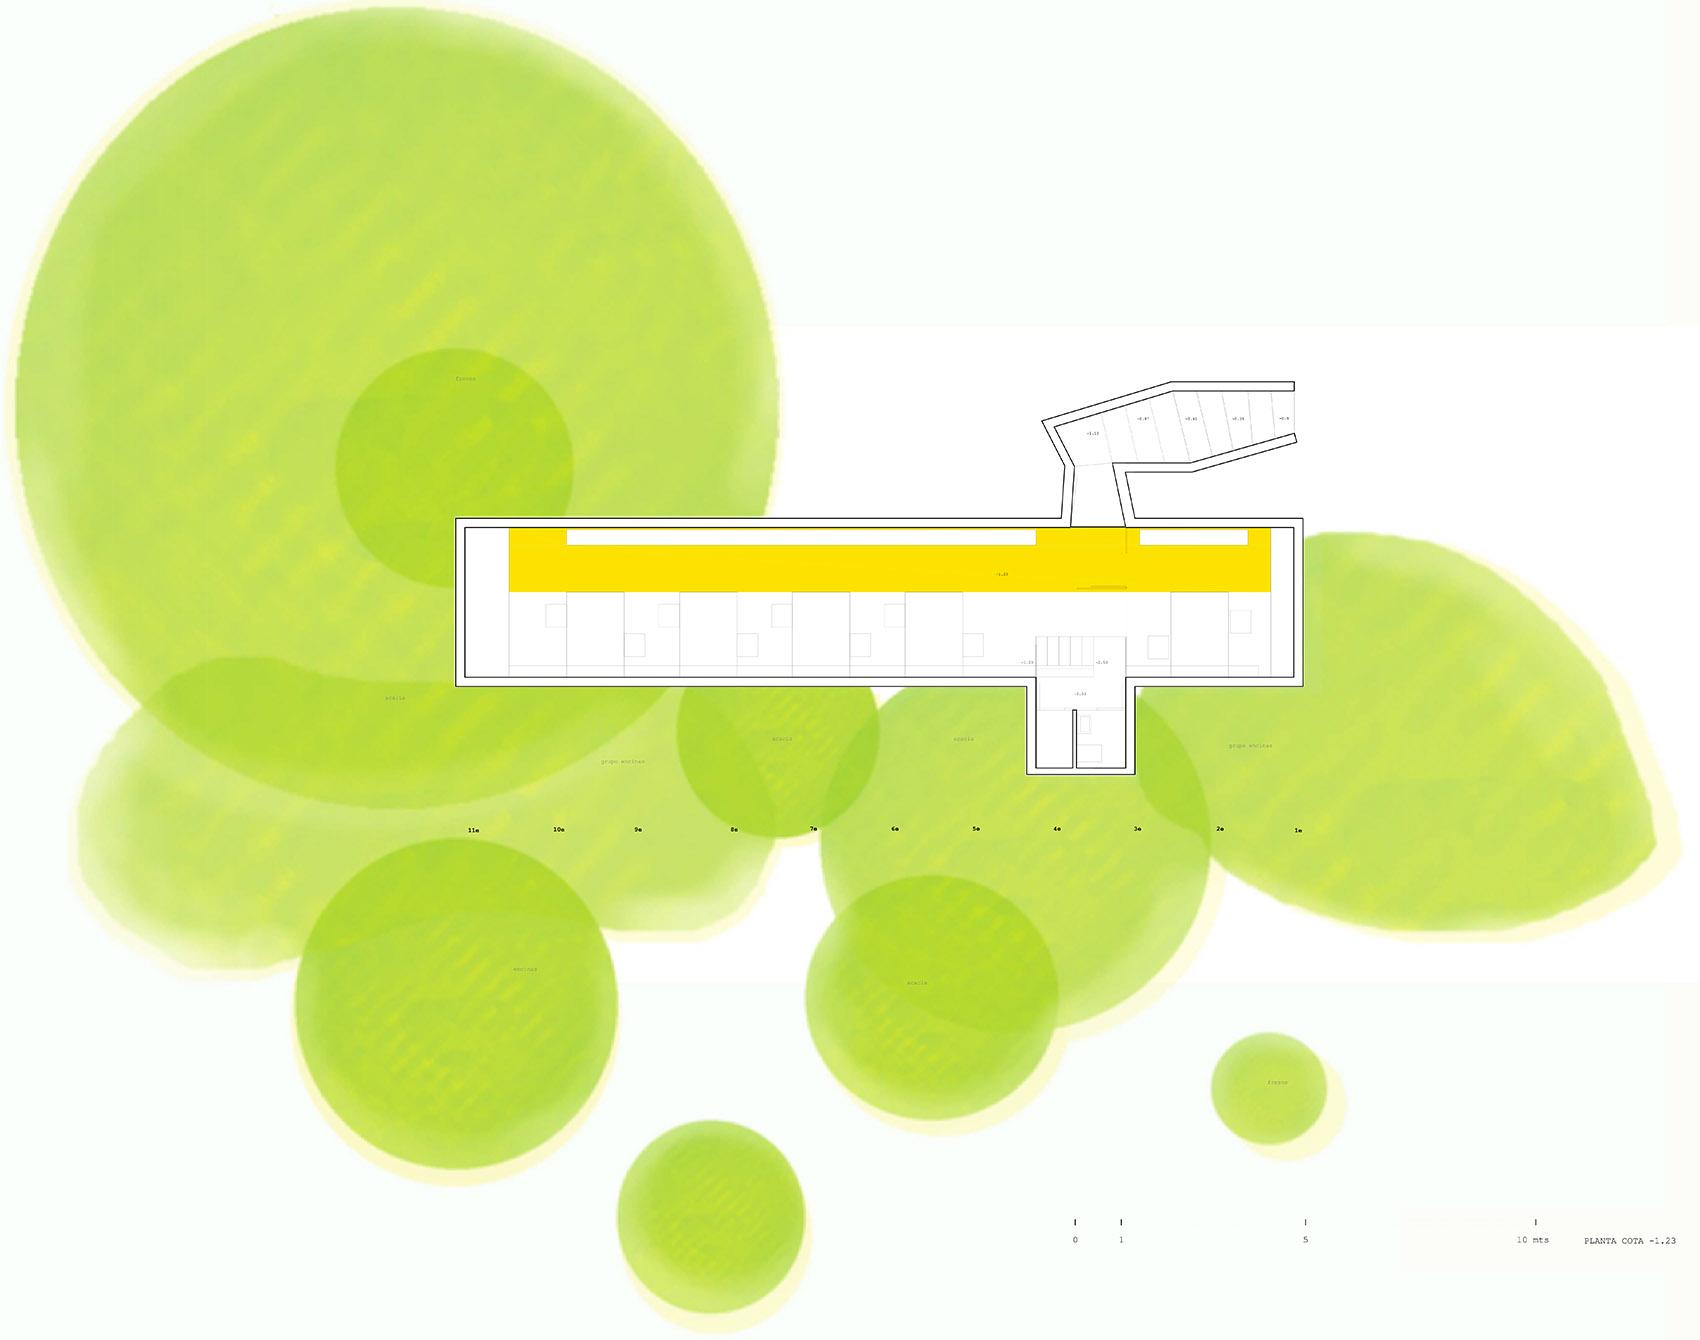 \DatosdatosCV-PUBLICACIONES+EXPOPUBLICACIONES000 PUBLICACI